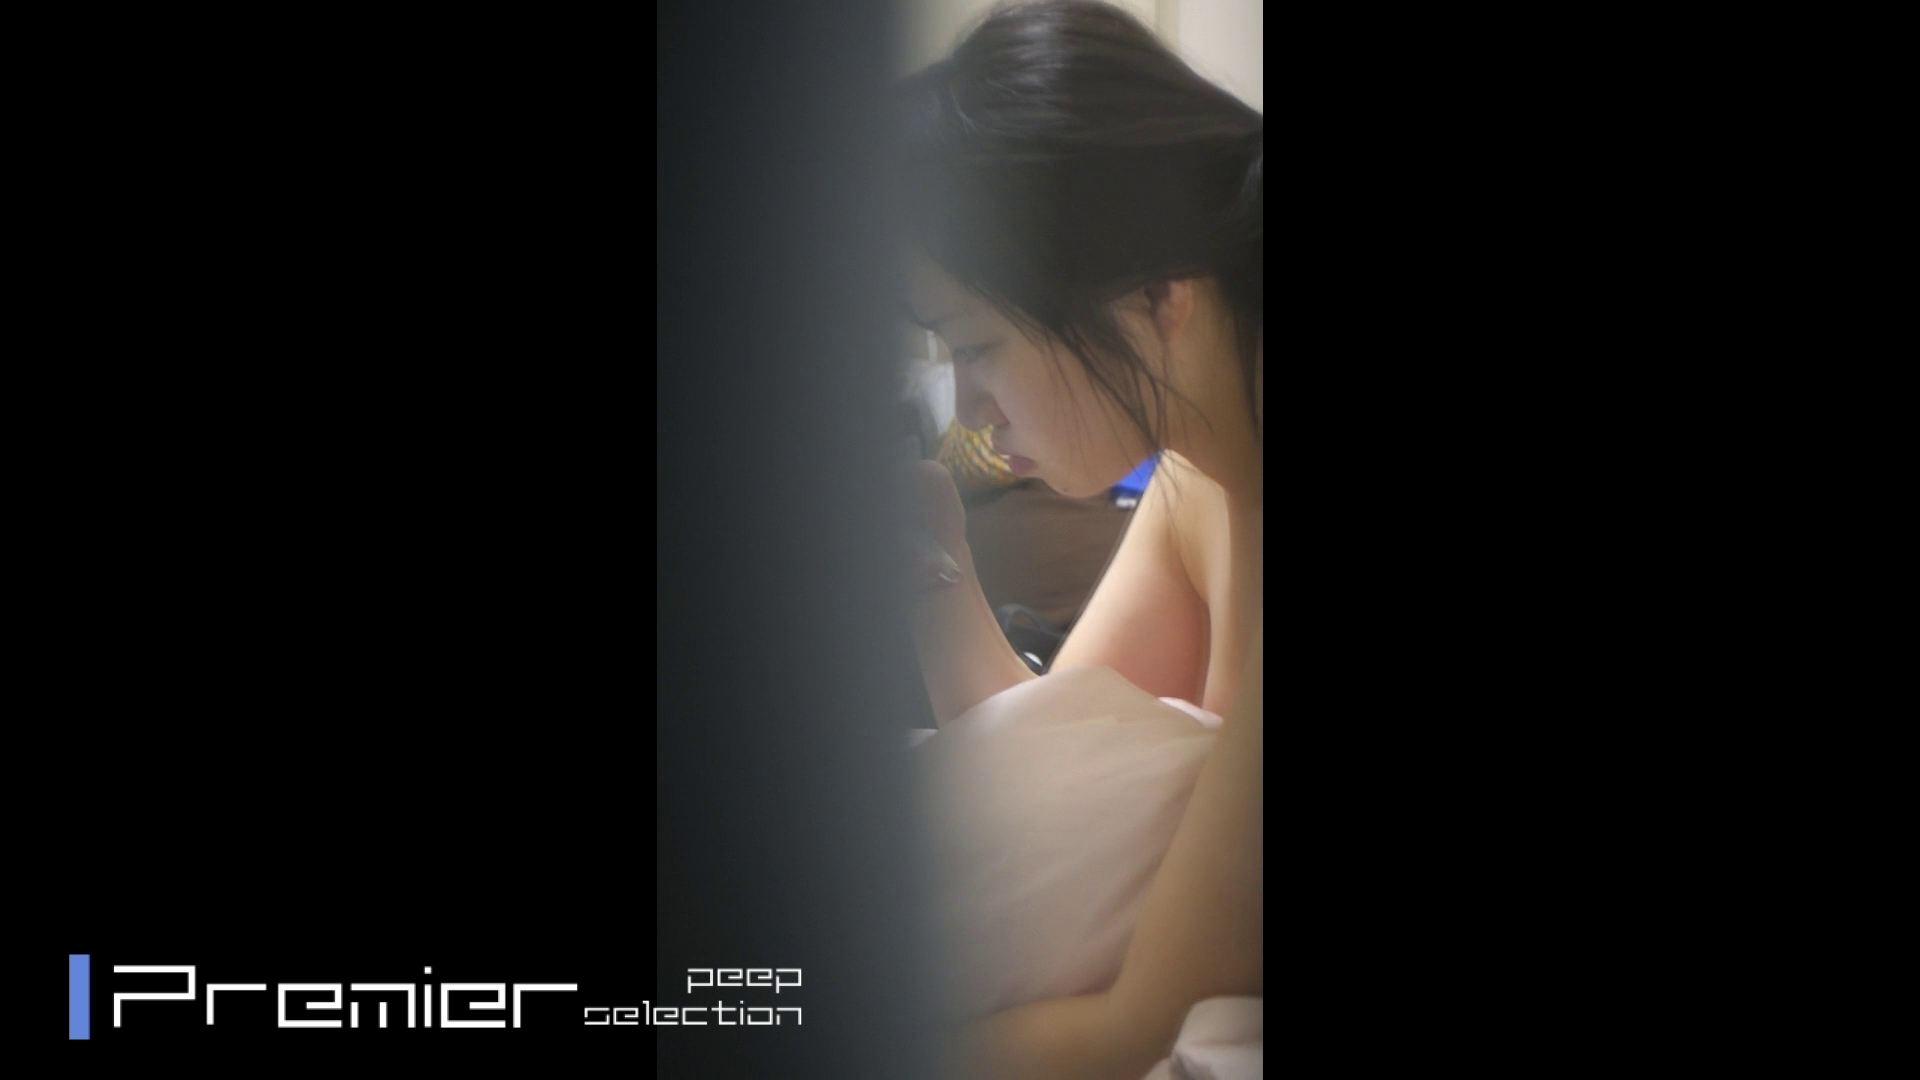 美女達の私生活に潜入!一人暮らし女子大生の部屋ヌード 女子大生達のヌード   潜入エロ調査  65連発 59